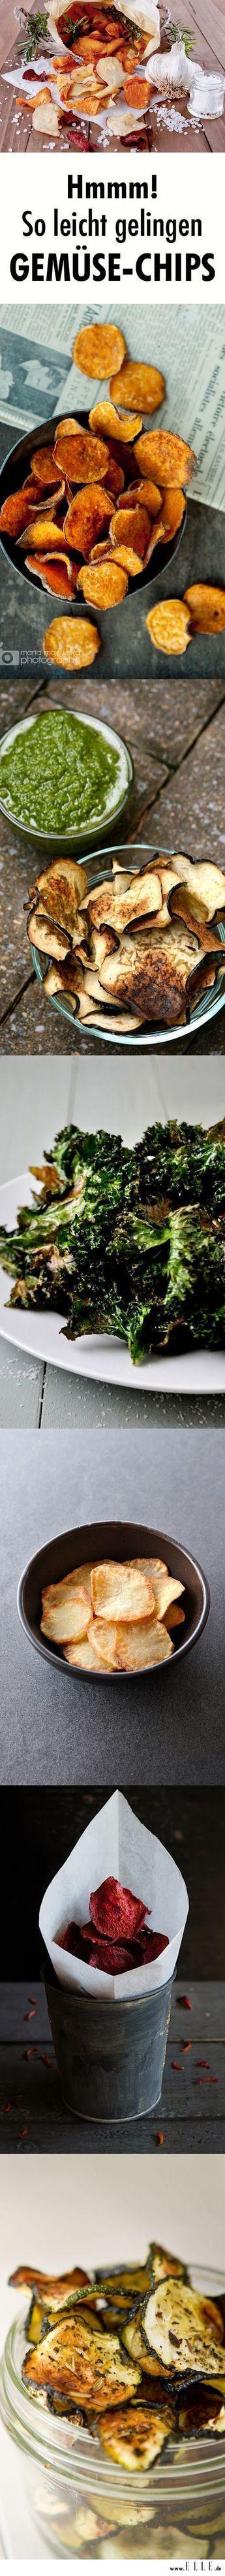 Gemüsechips sind eine gesunde Alternative zu Kartoffelchips aus dem Supermarkt. Wir zeigen, wie man die gesunden Knabbereien selbst macht.